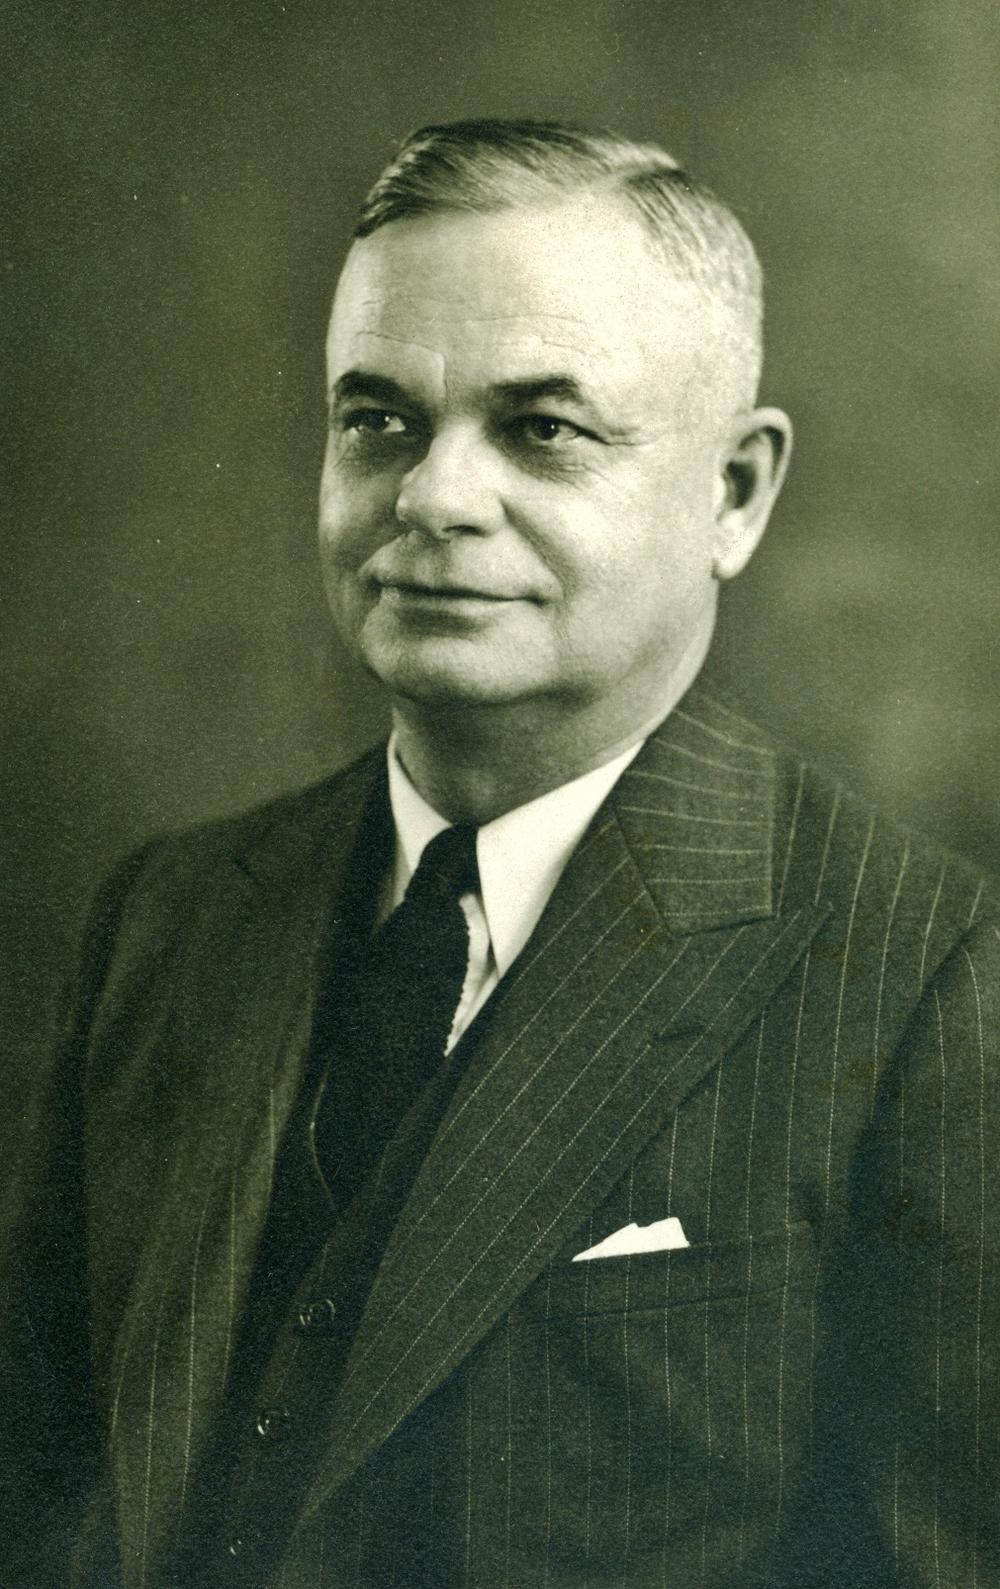 R.A. Elliott